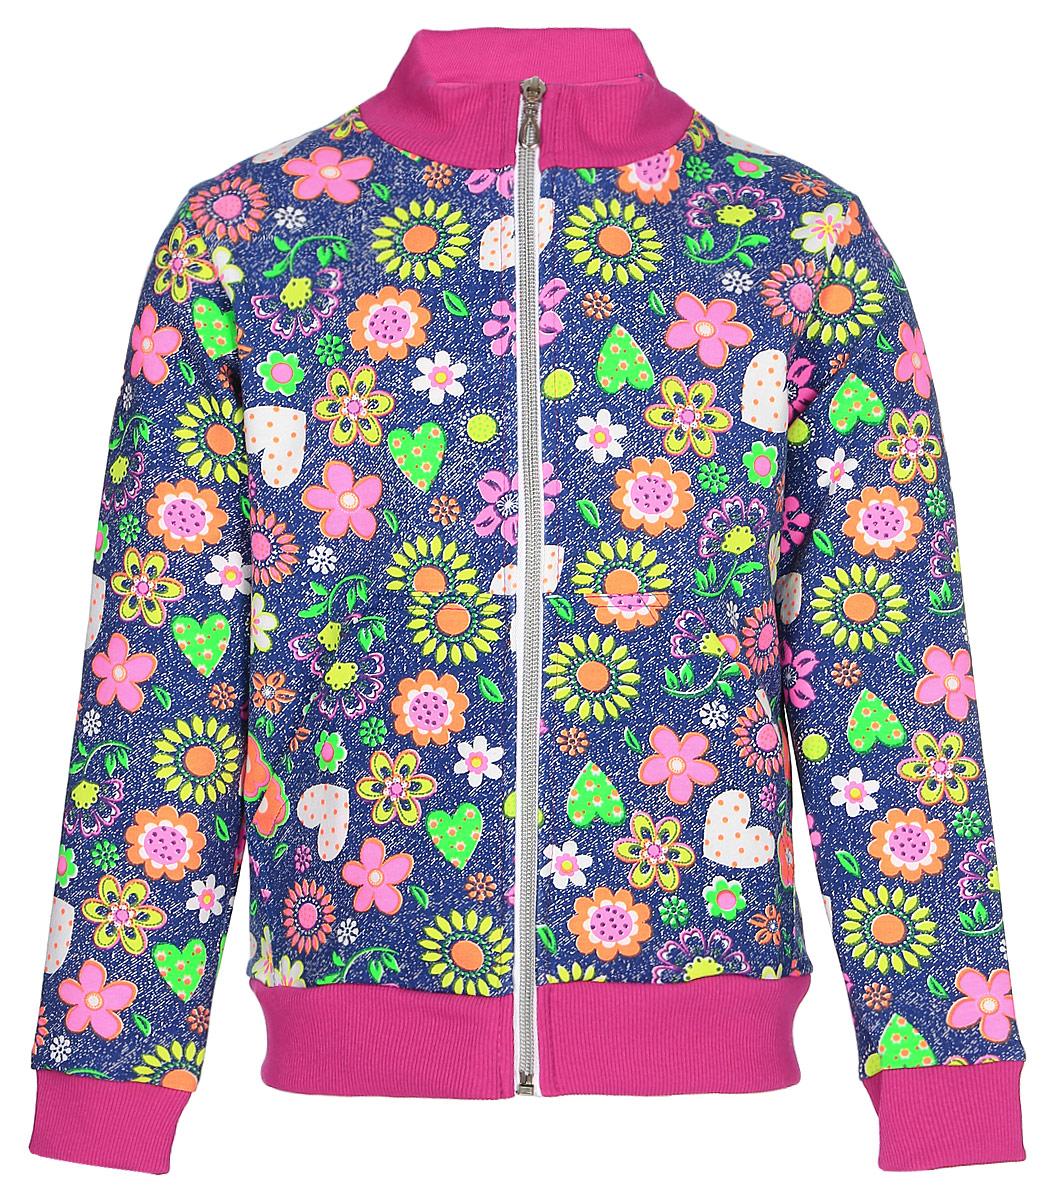 Толстовка для девочки M&D, цвет: (джинс)деним. Д2150211. Размер 116 лосины для девочки m&d цвет бирюза мультиколор м33228 размер 116